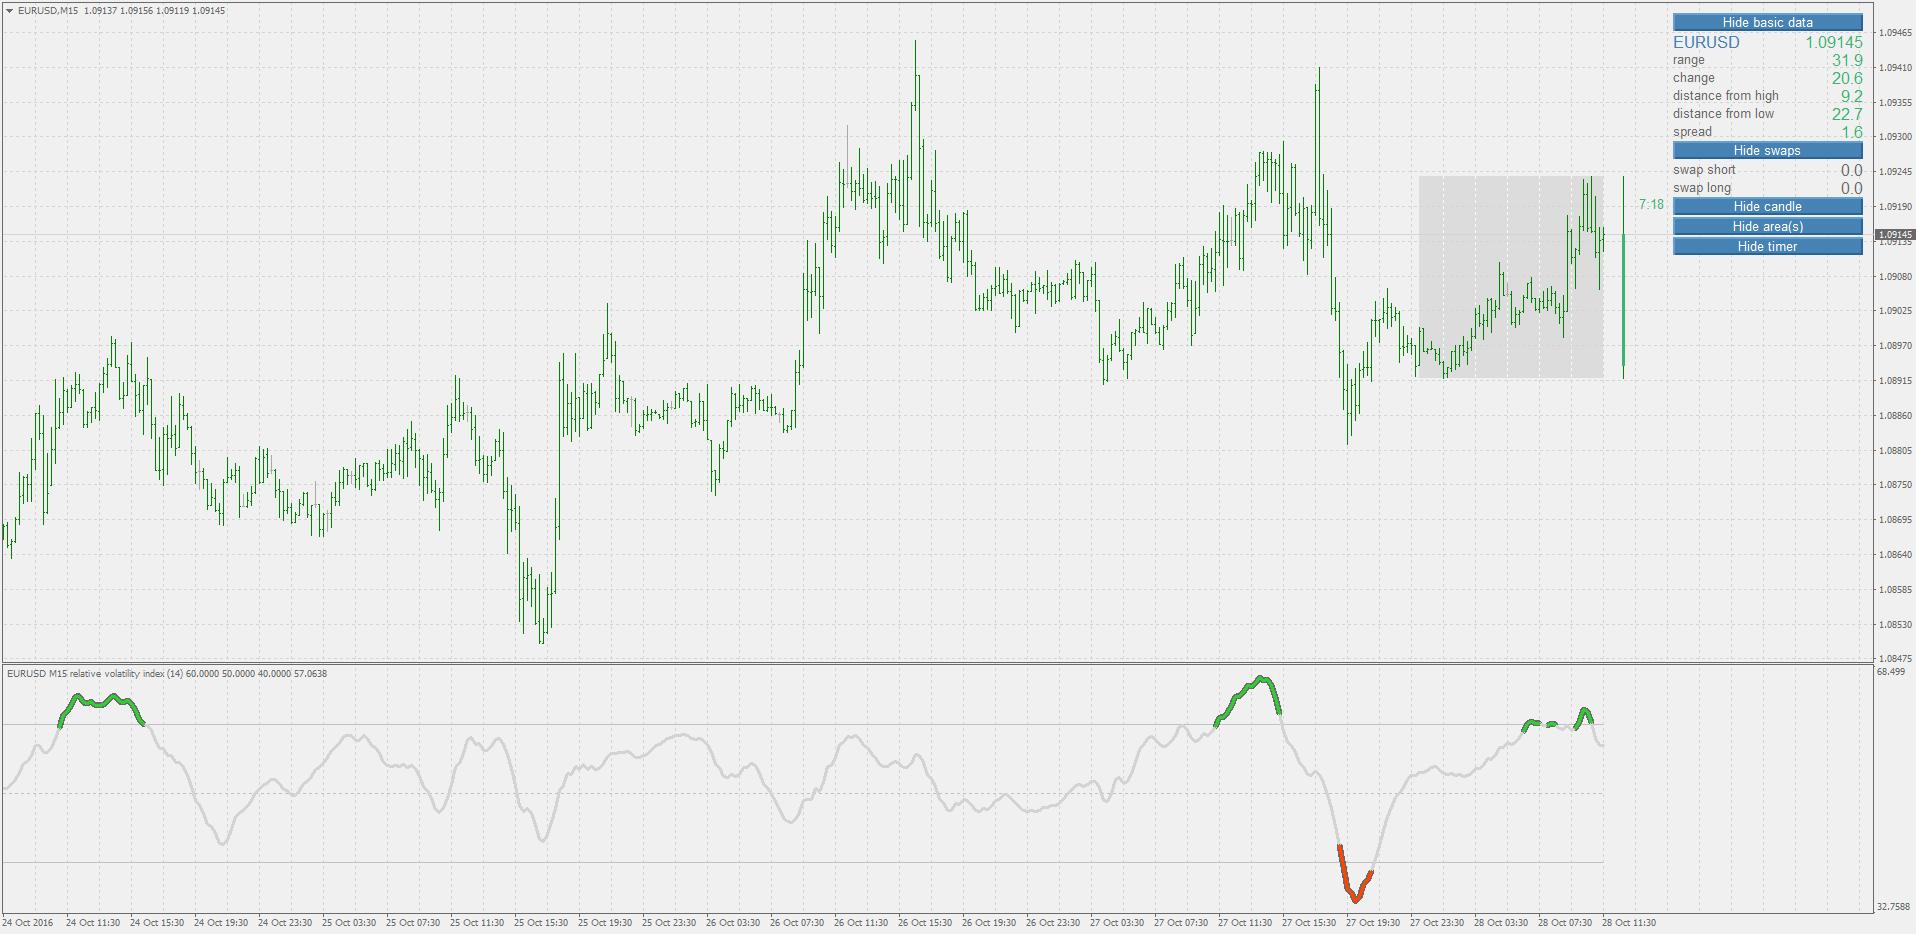 Relative volatility index mt4 forex forex opinie zarobki prezydenta